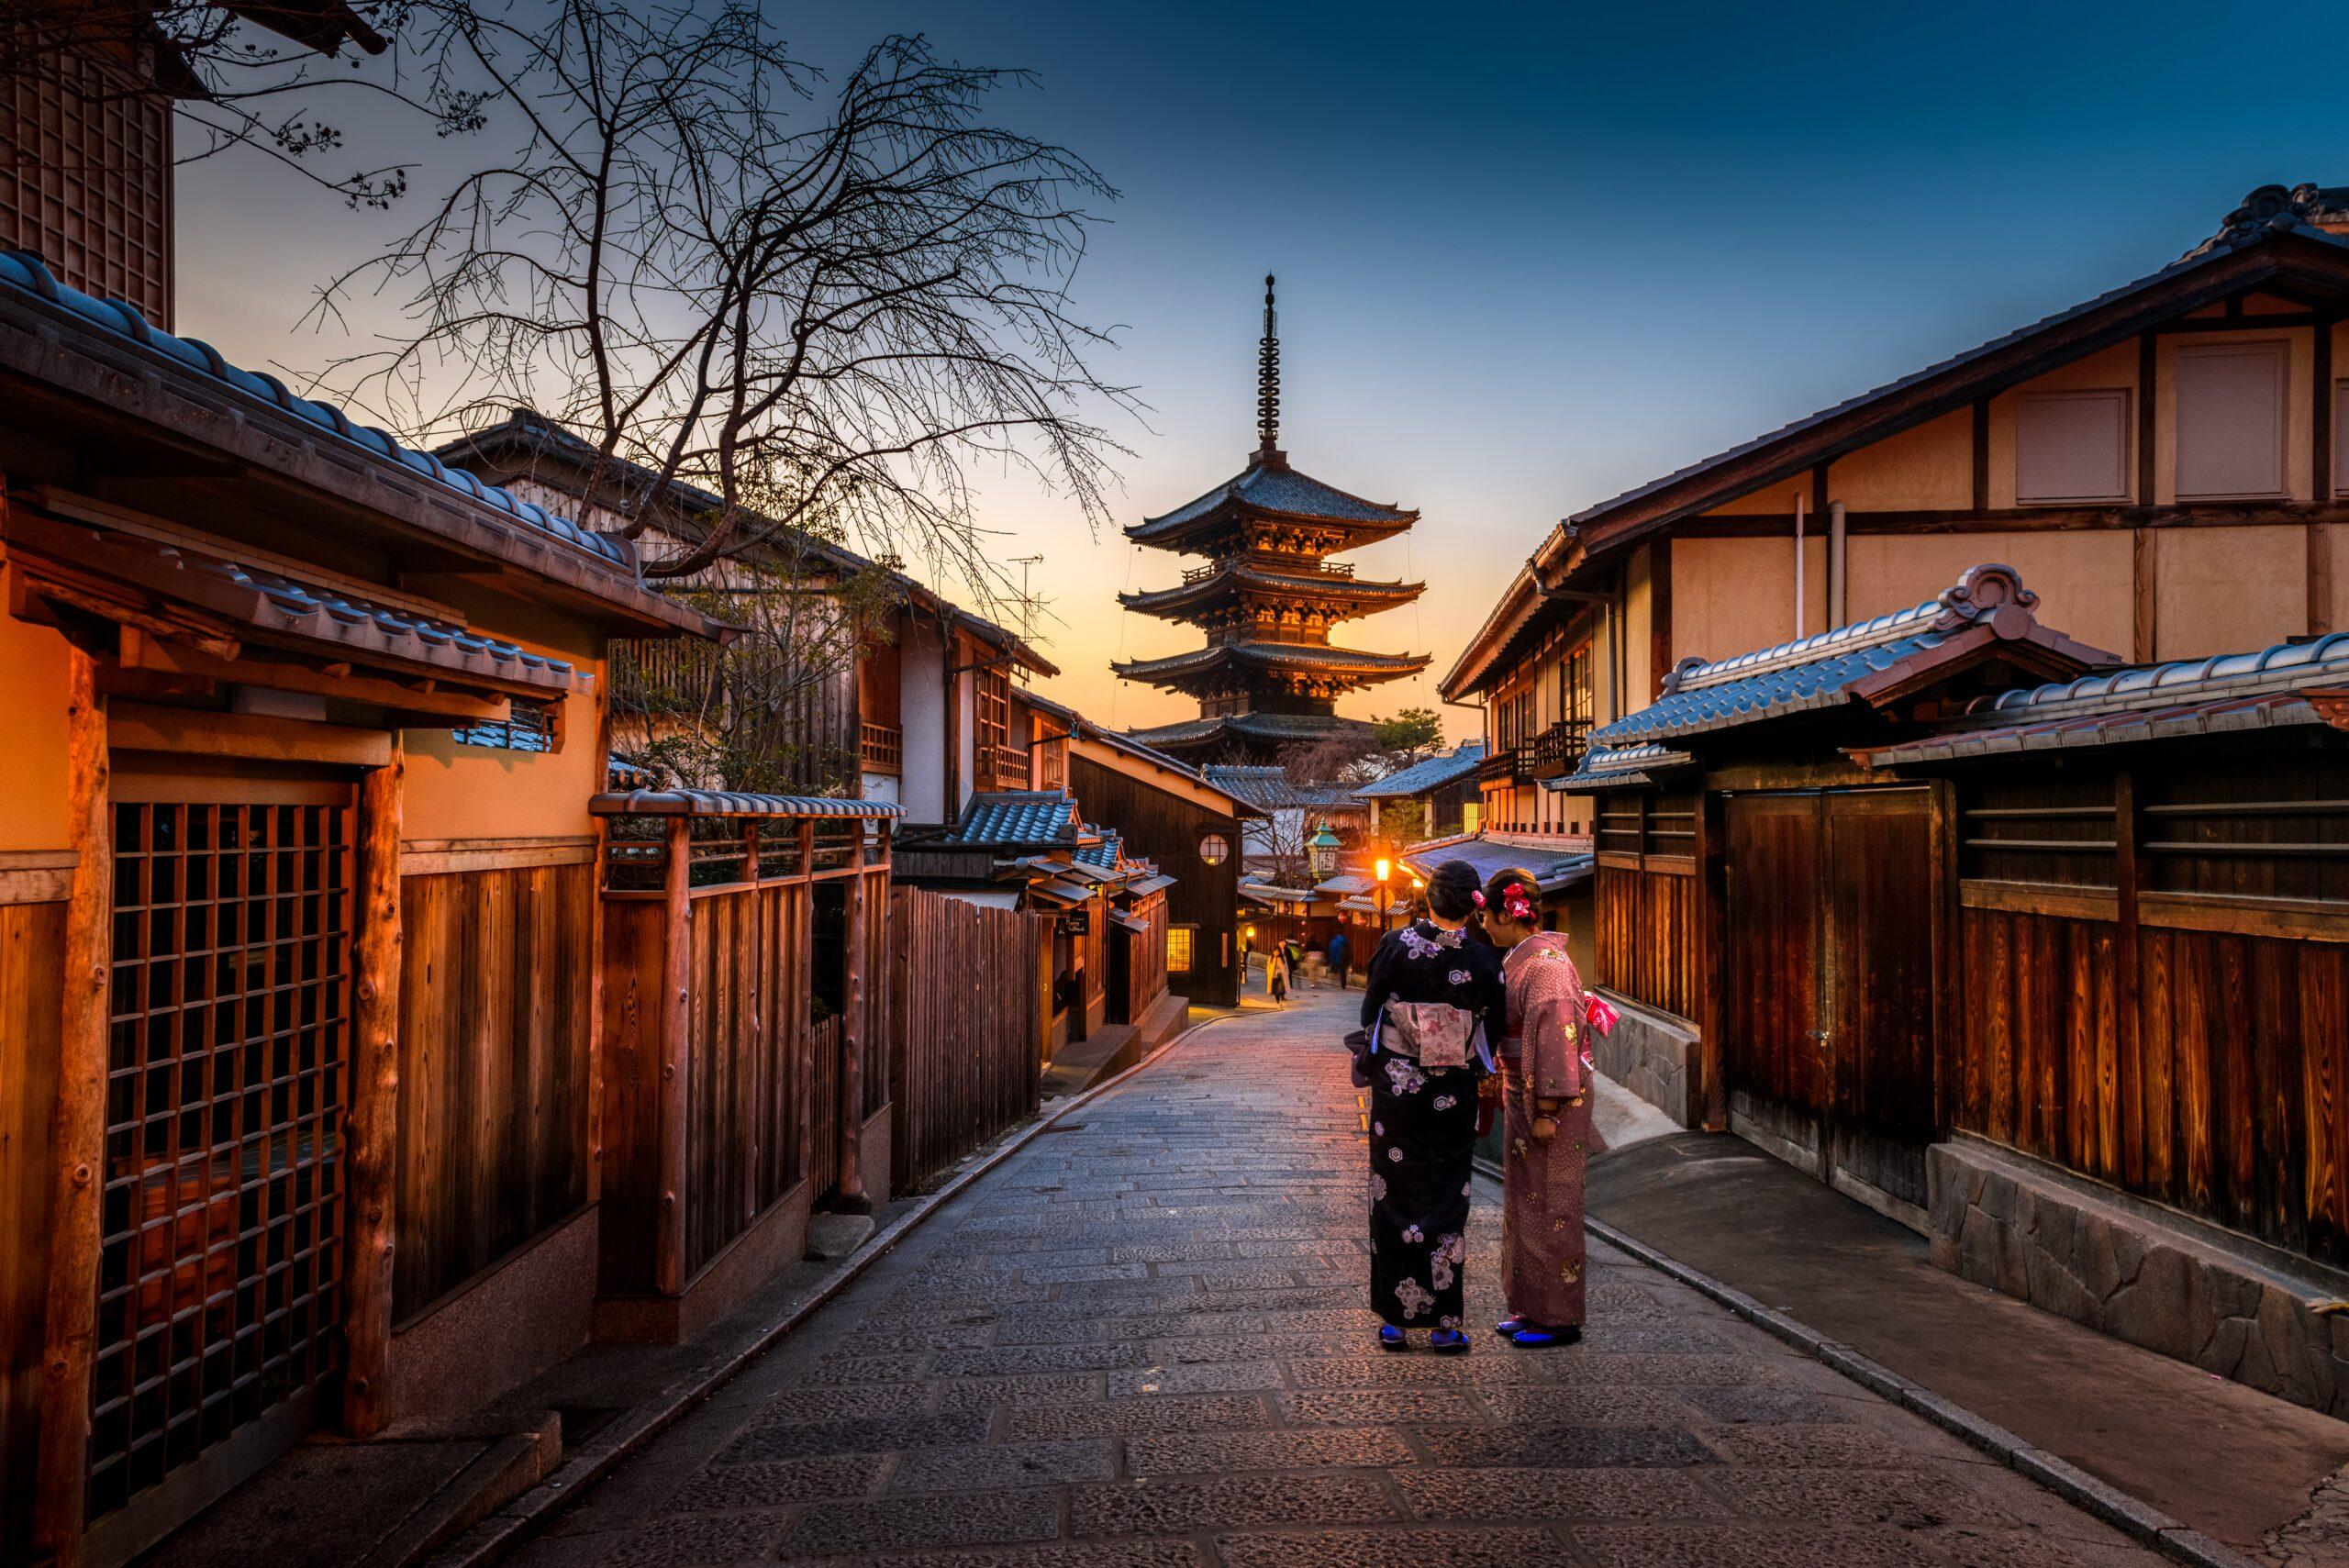 melhores-cidades-para-estudar-no-japao-kyoto